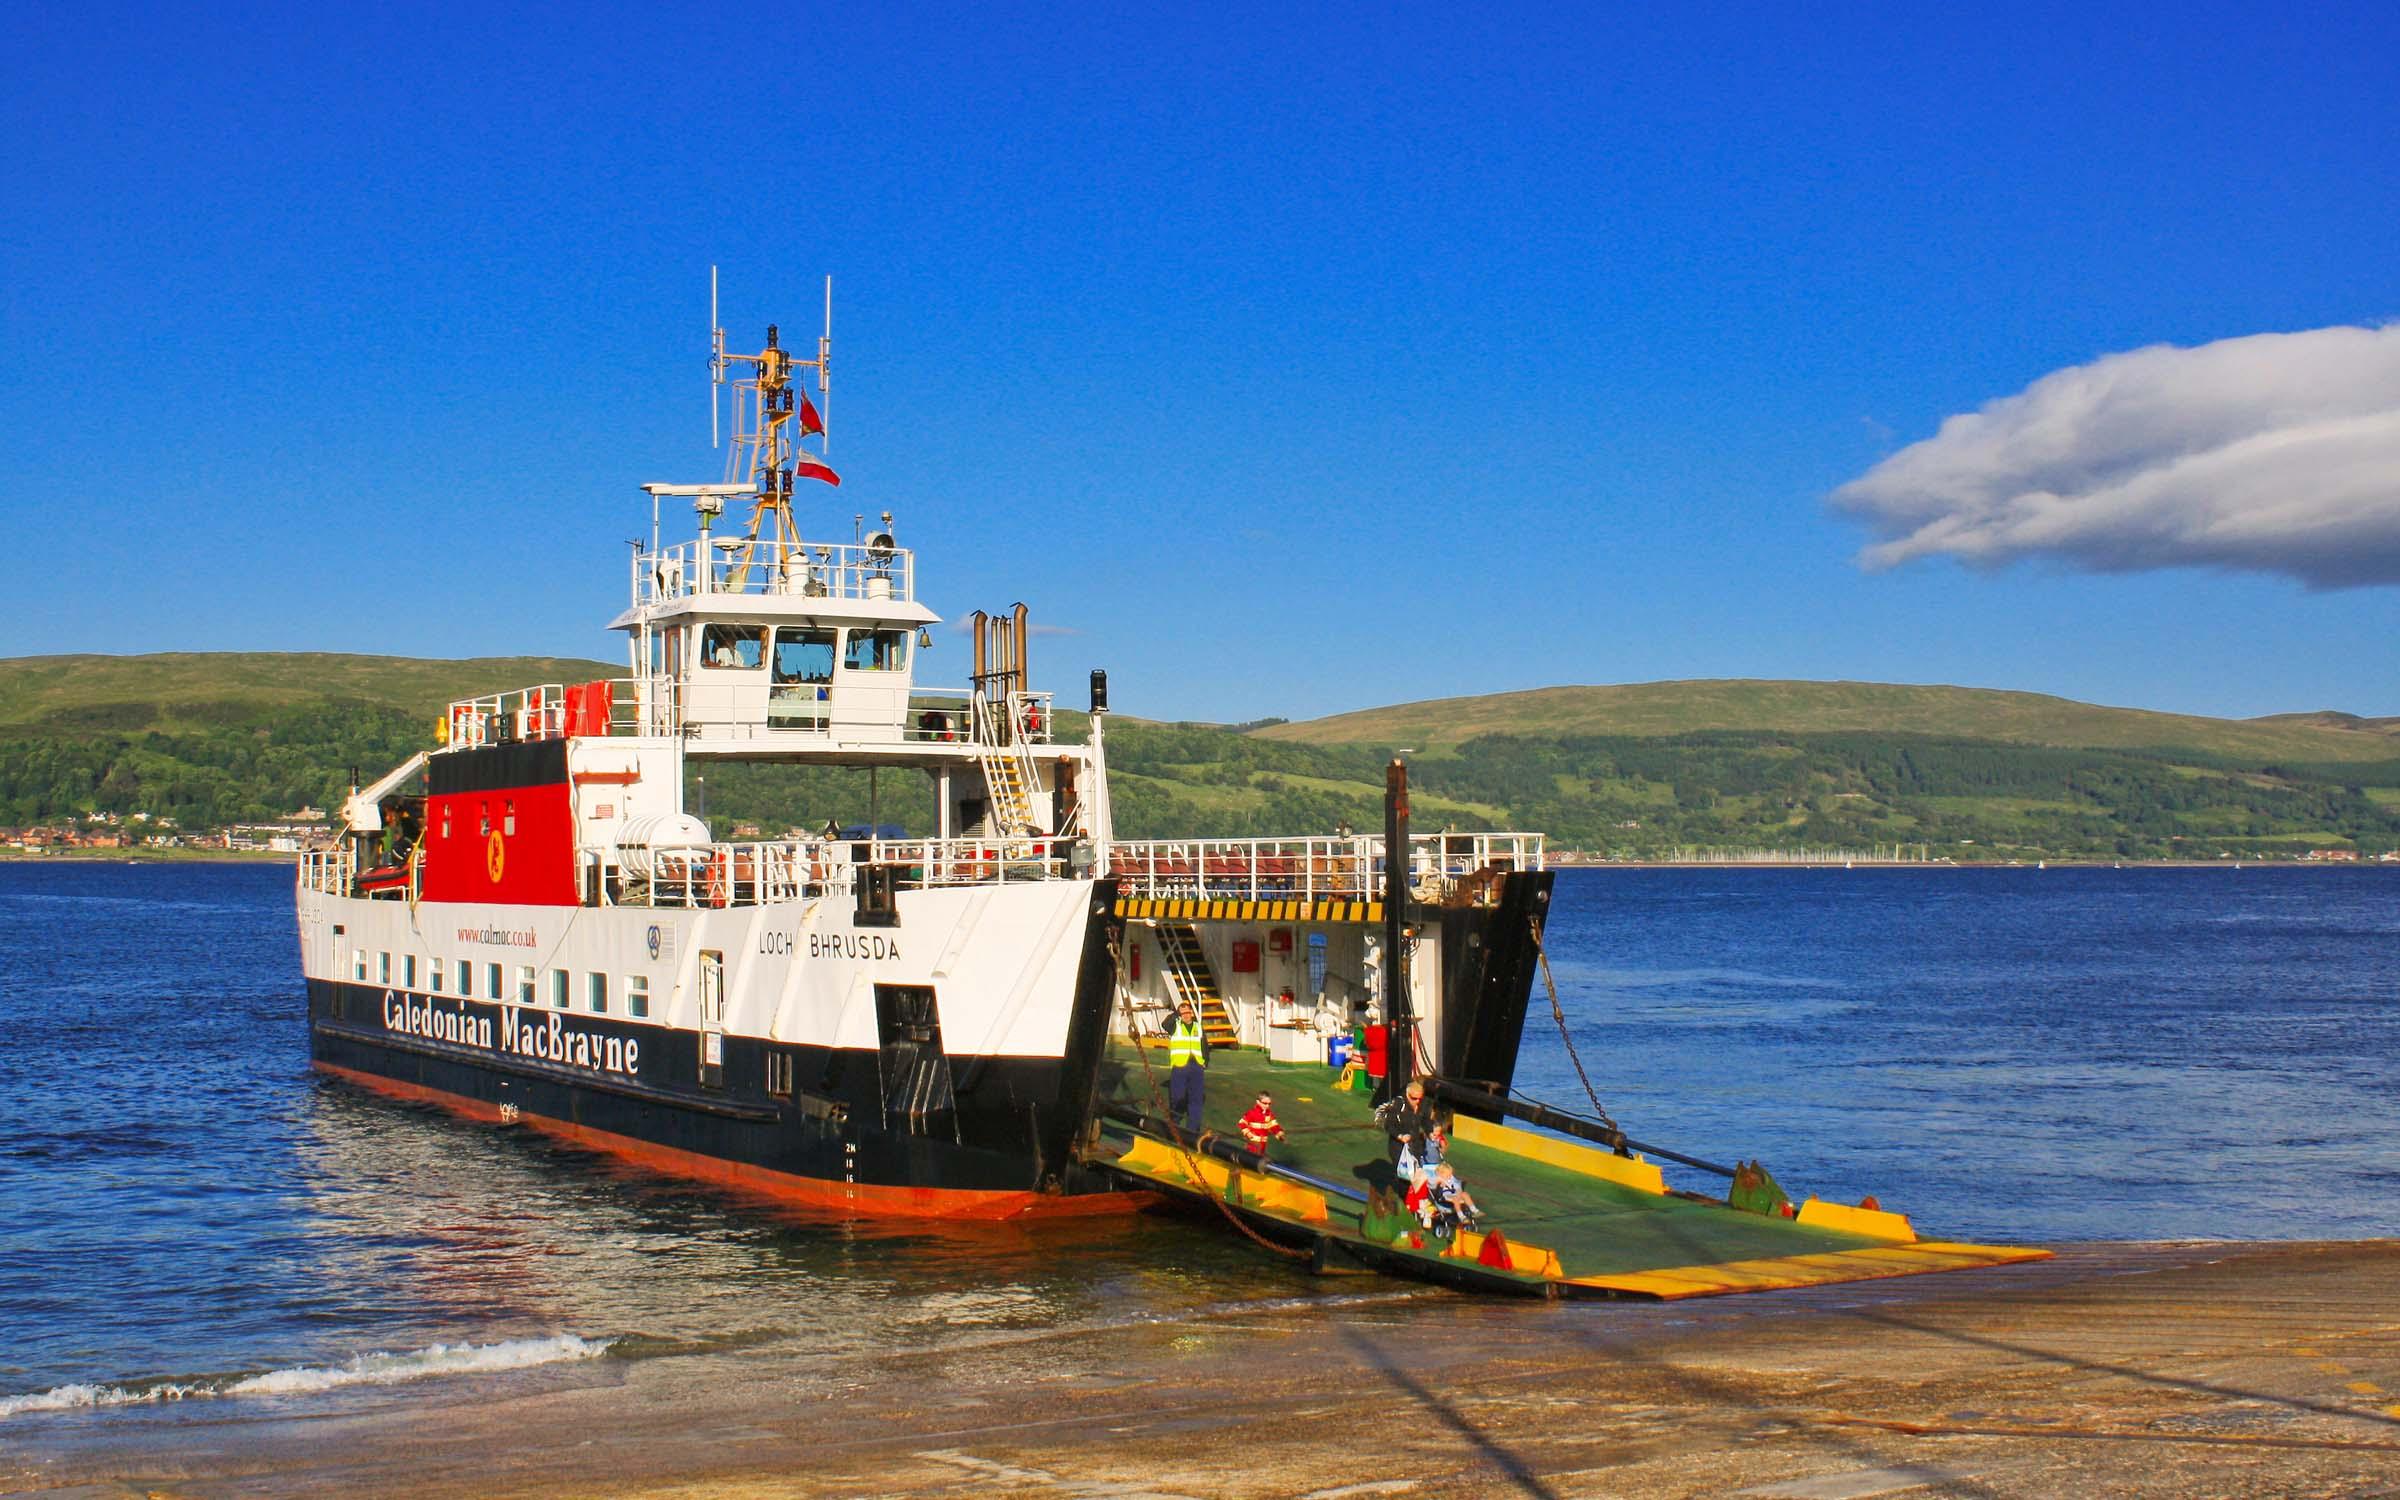 Loch Bhrusda at Cumbrae (Ships of CalMac)